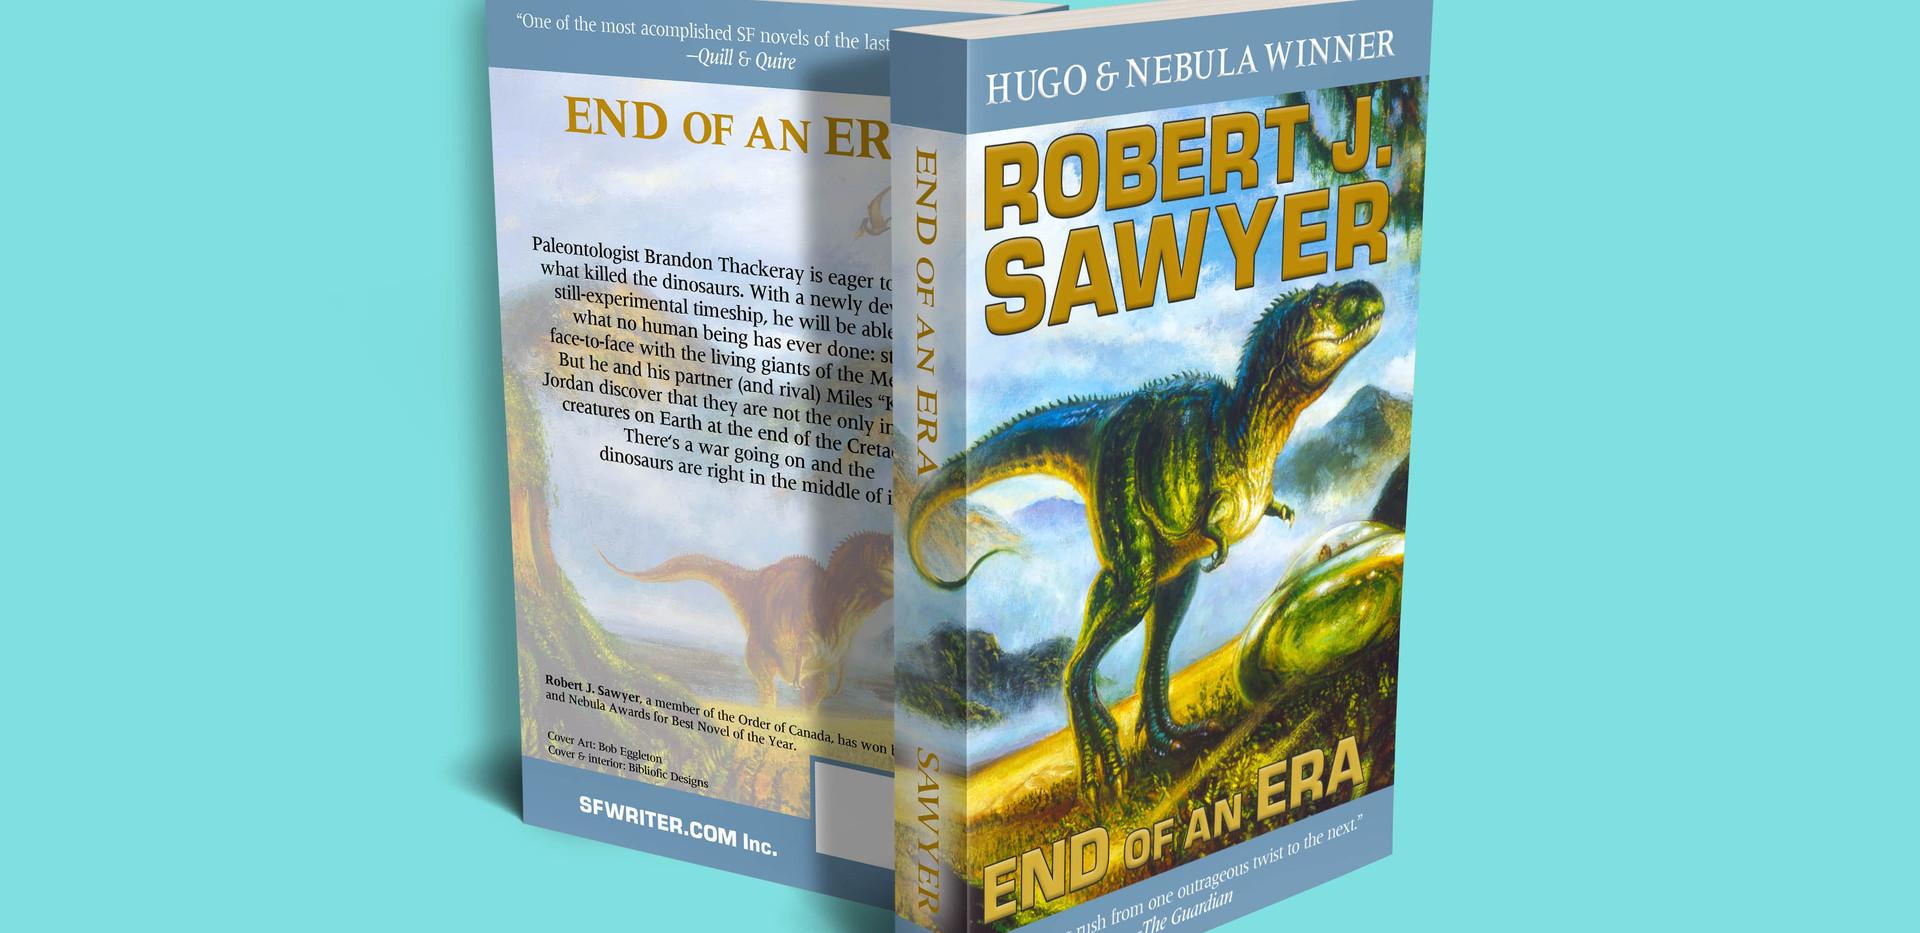 End of an Era by Robert J. Sawyer